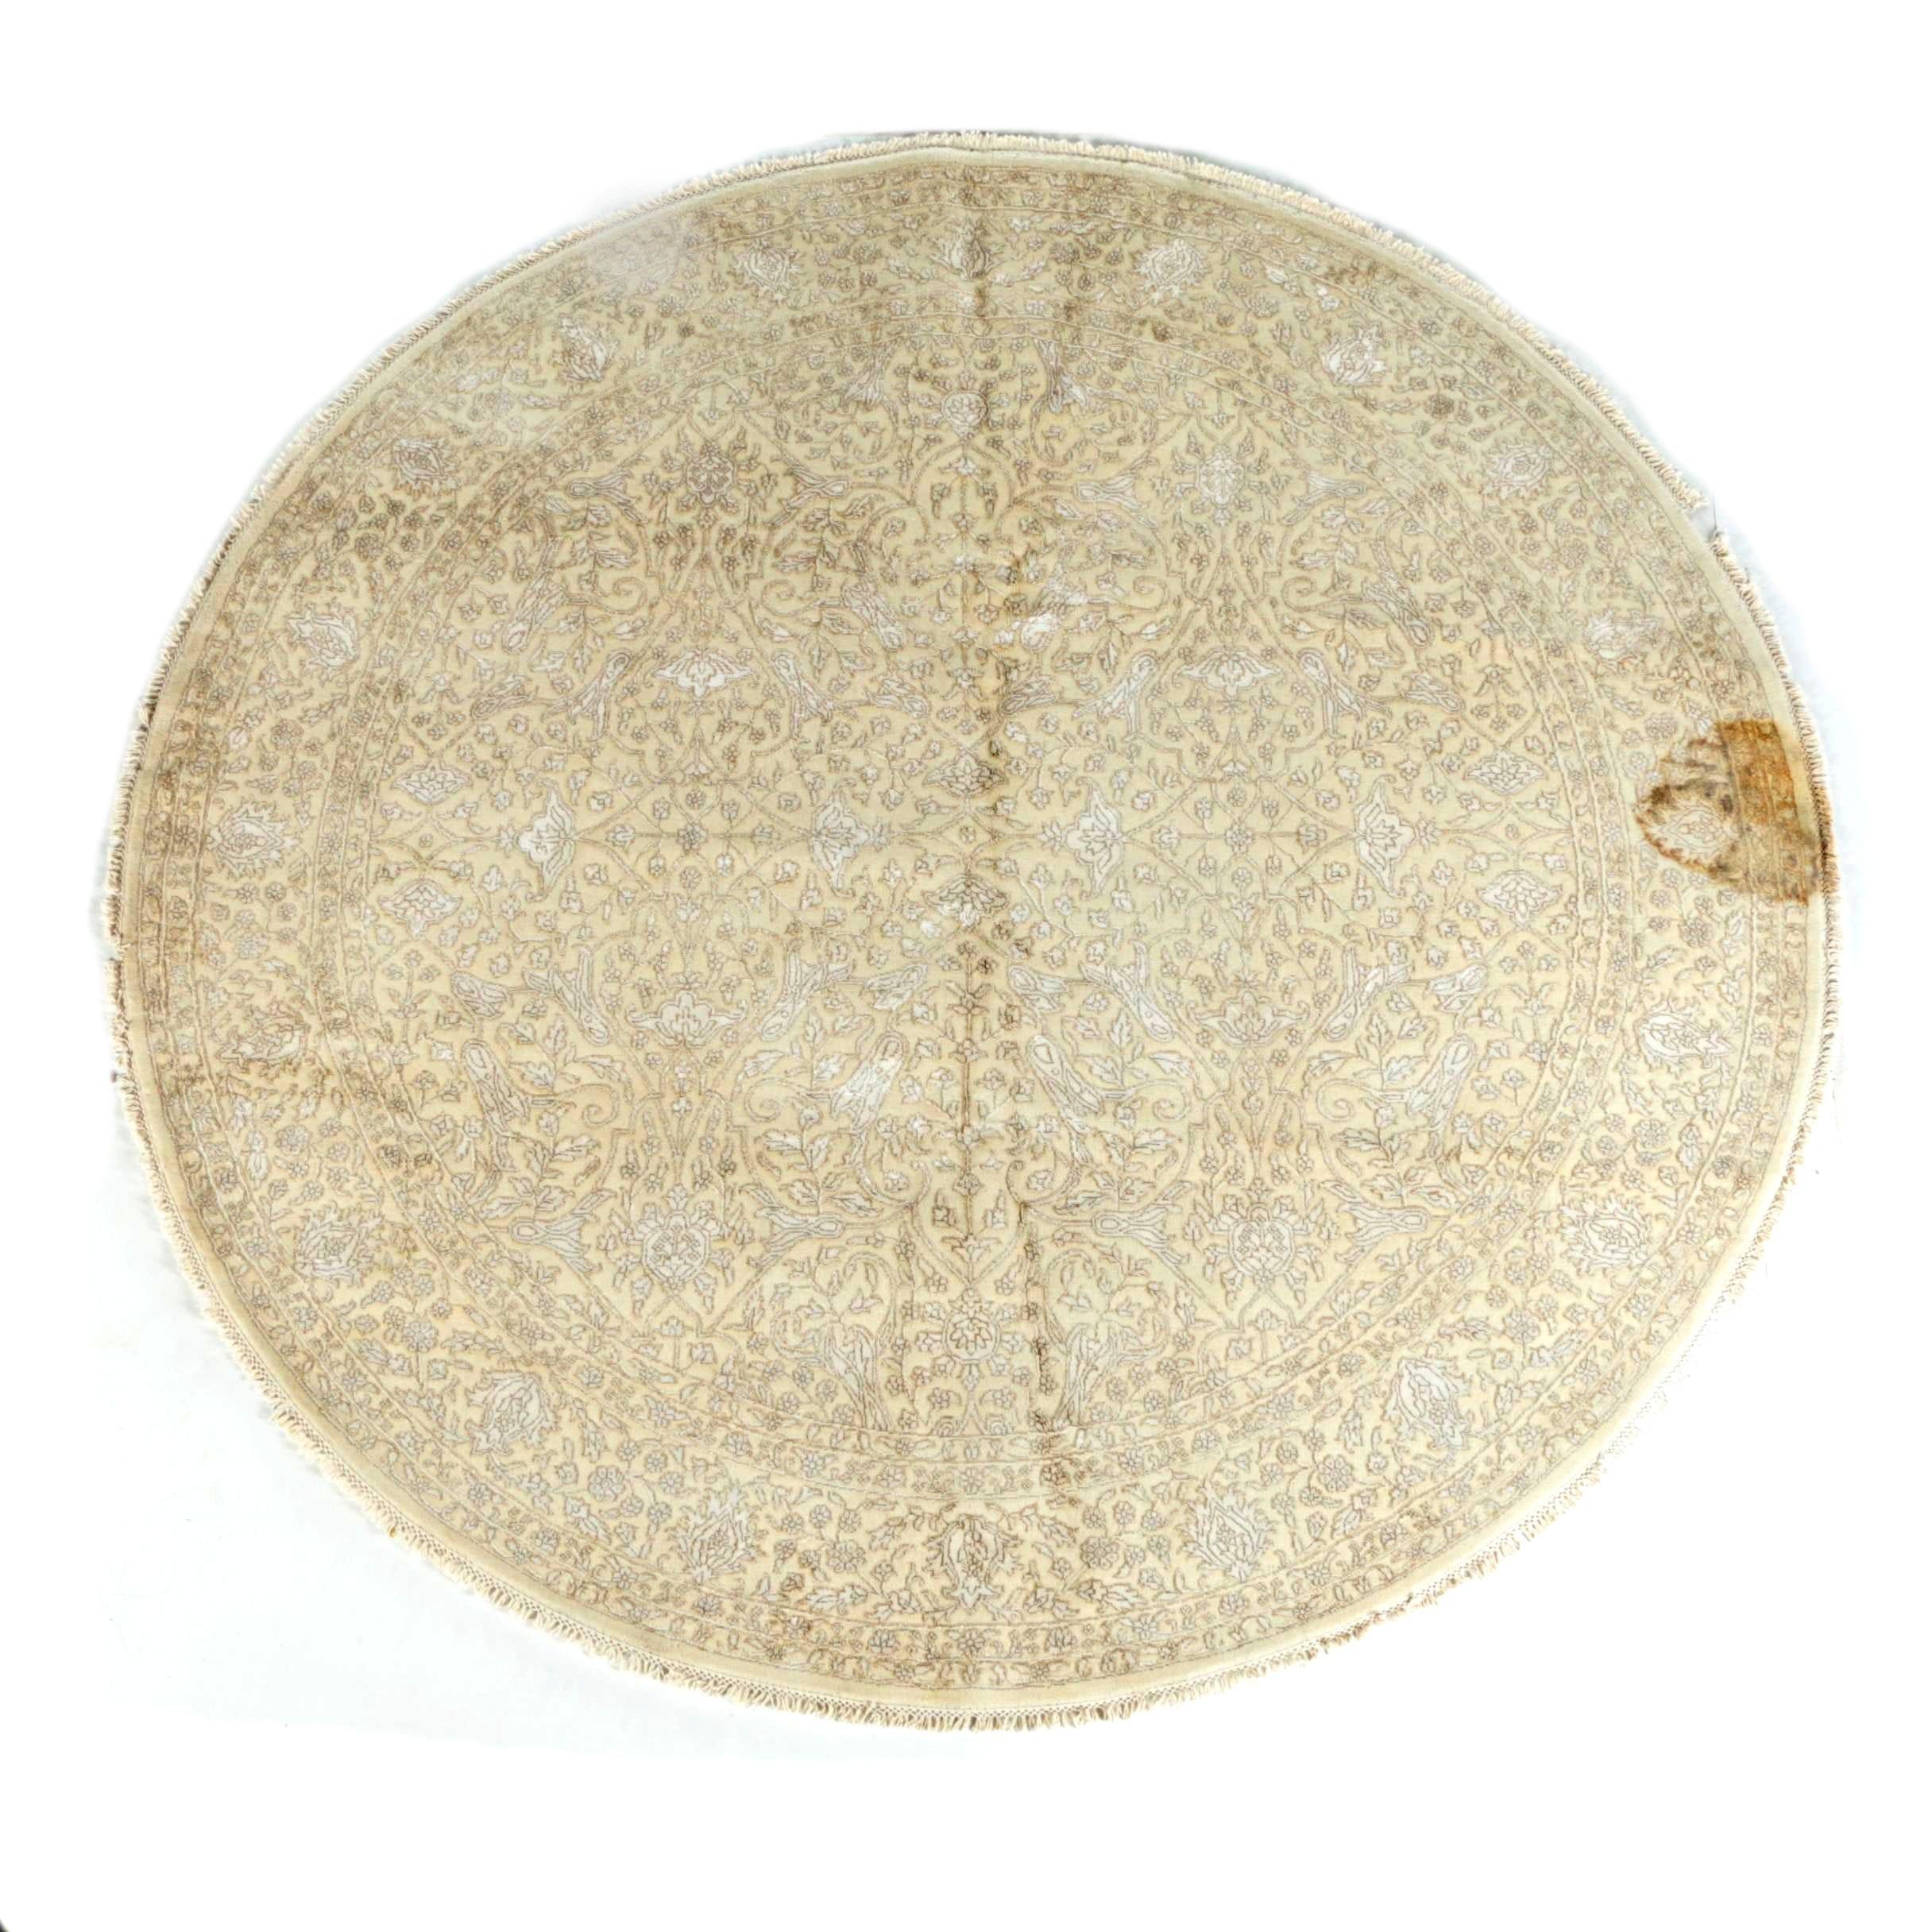 Handmade Silk and Wool Tufenkian Round Rug